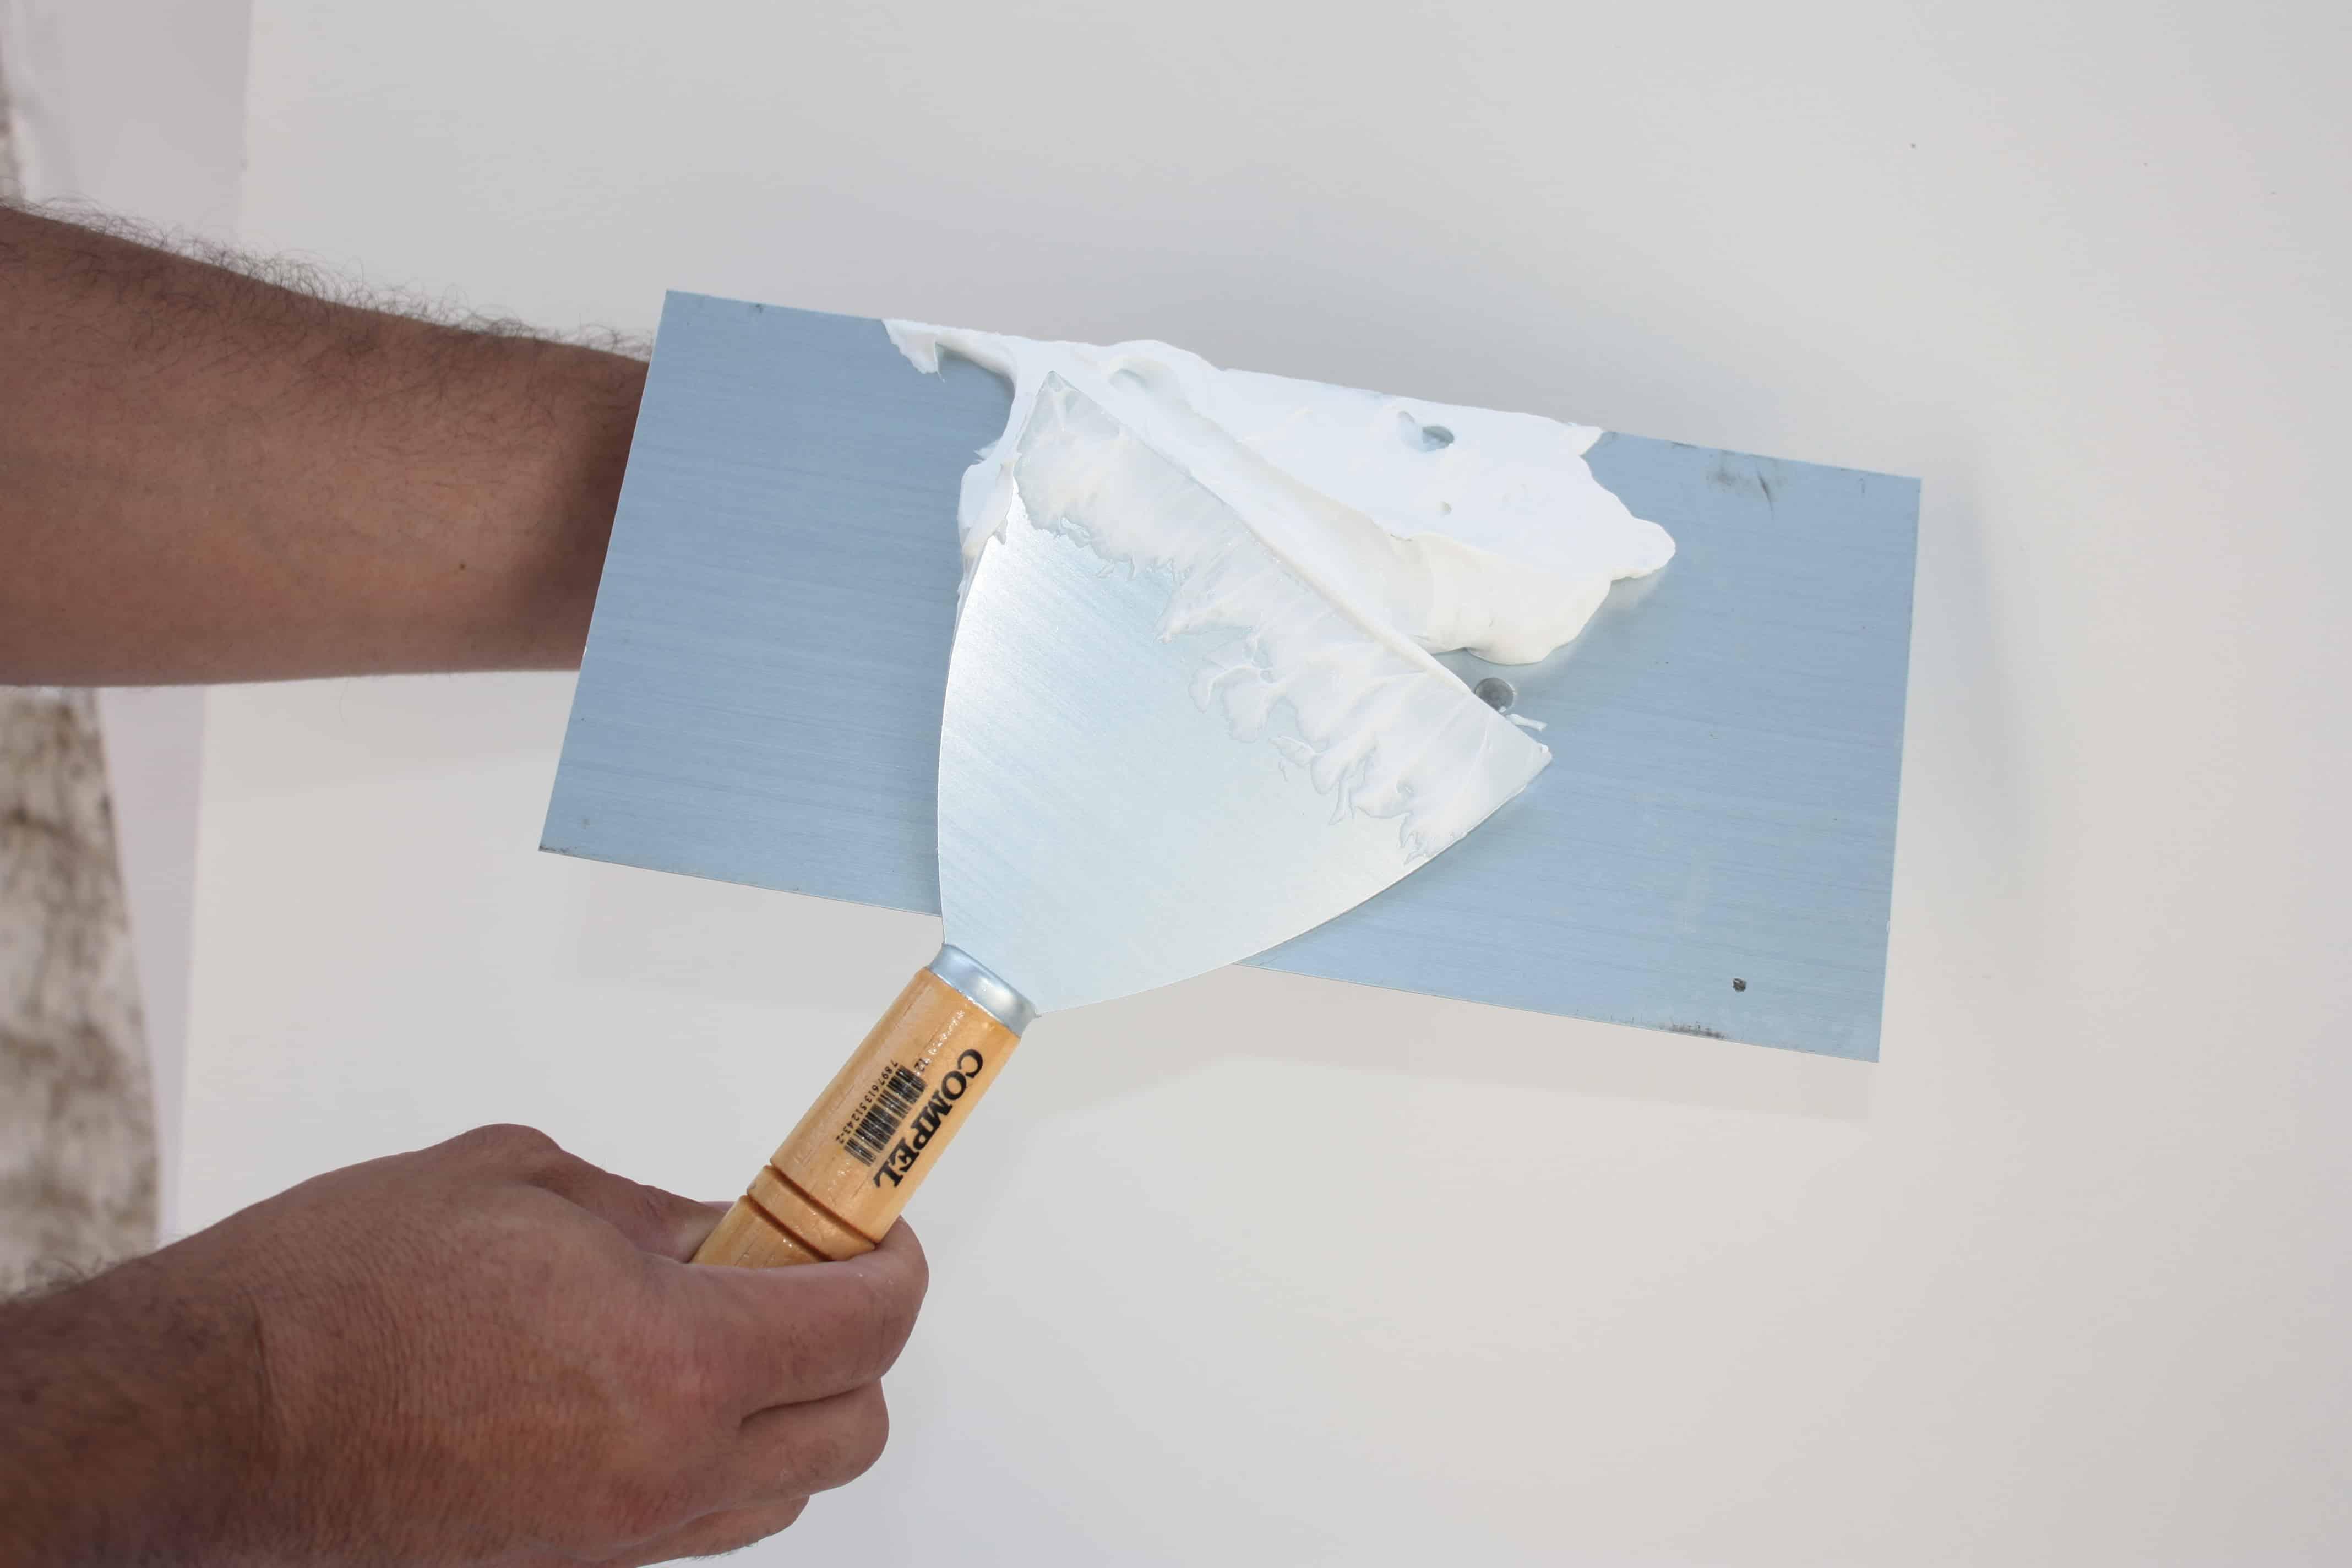 Massa acrílica é uma massa corrida dada antes da pintura para garantir o nivelamento e remover imperfeições.